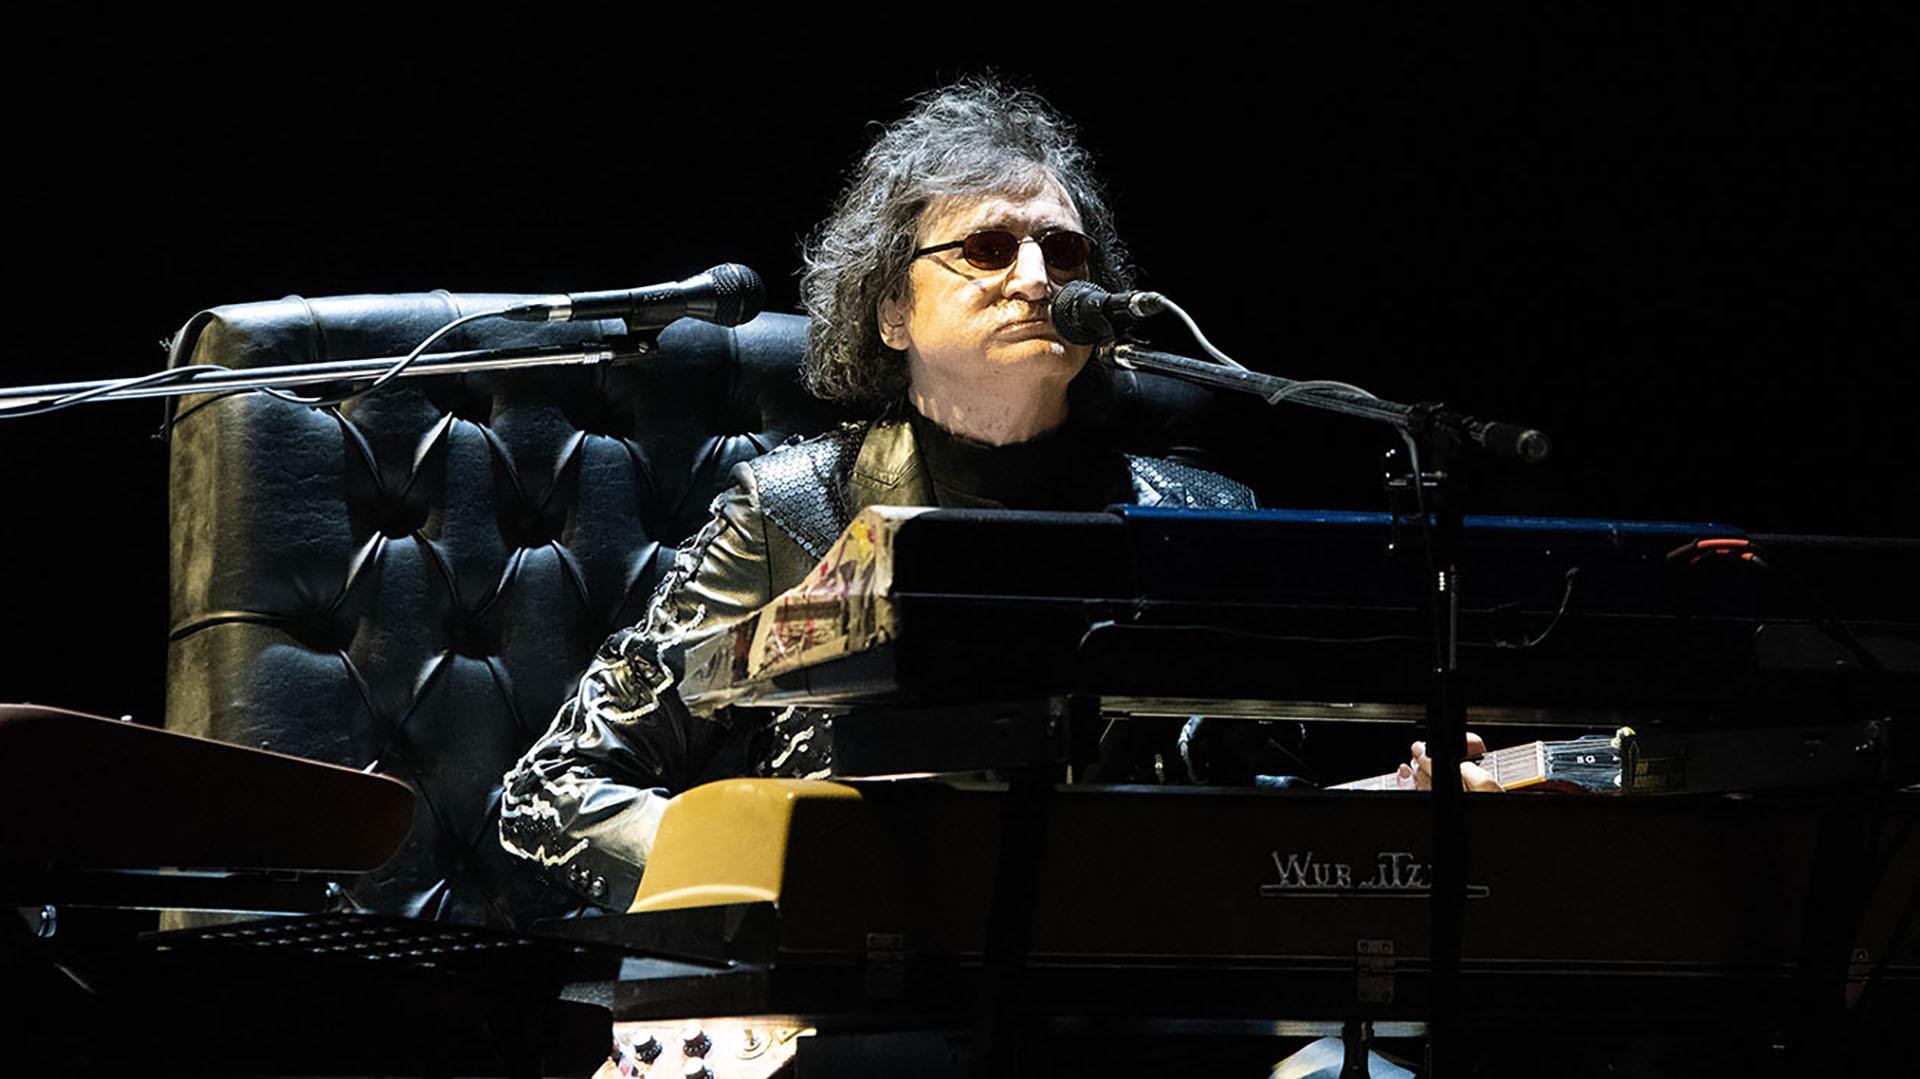 Charly volvió a reeditar su romance con los teclados en otra noche inolvidable para sus seguidores